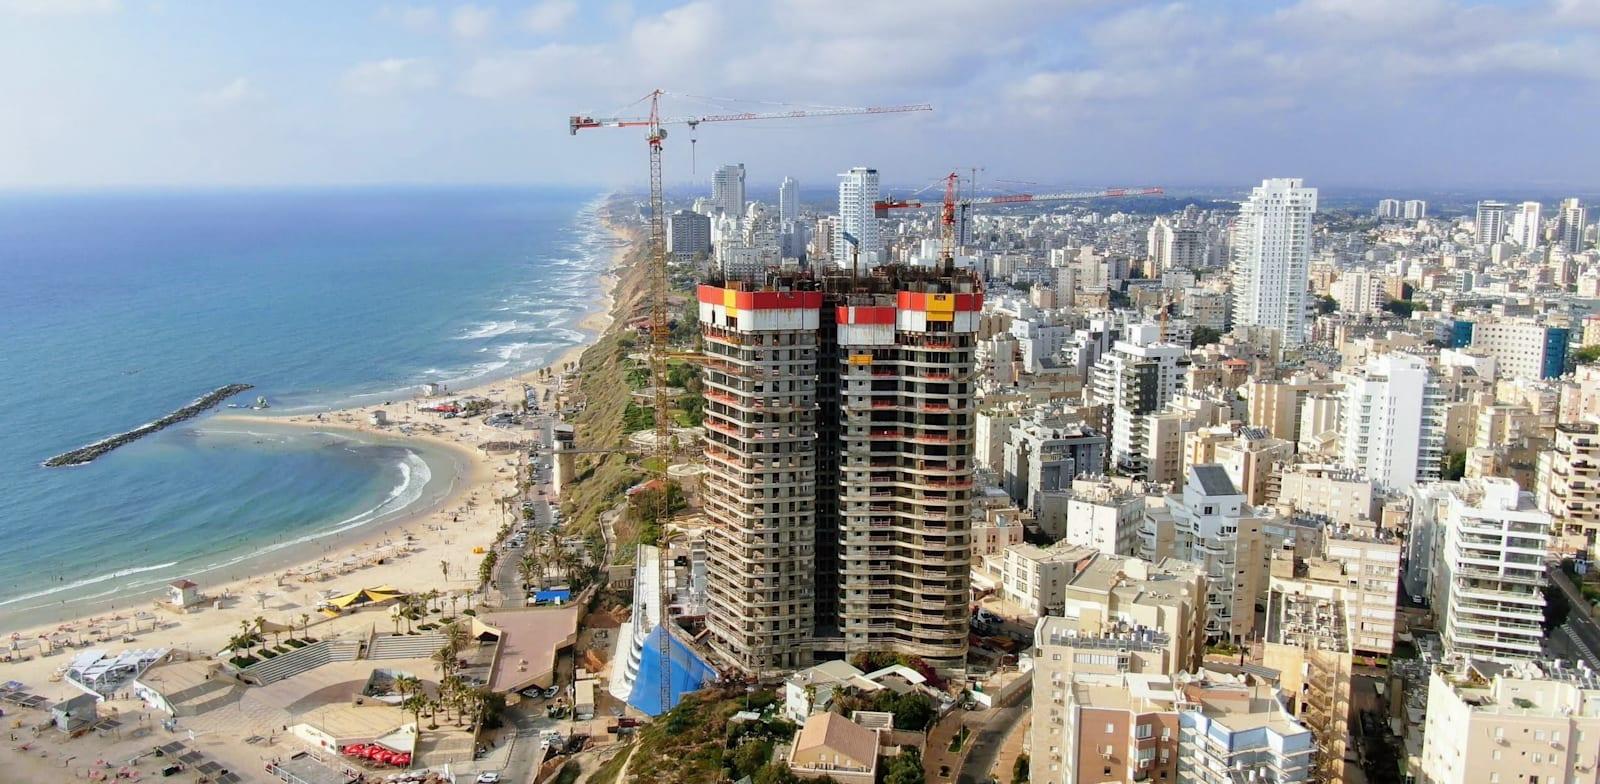 Netanya Photo: Shutterstock